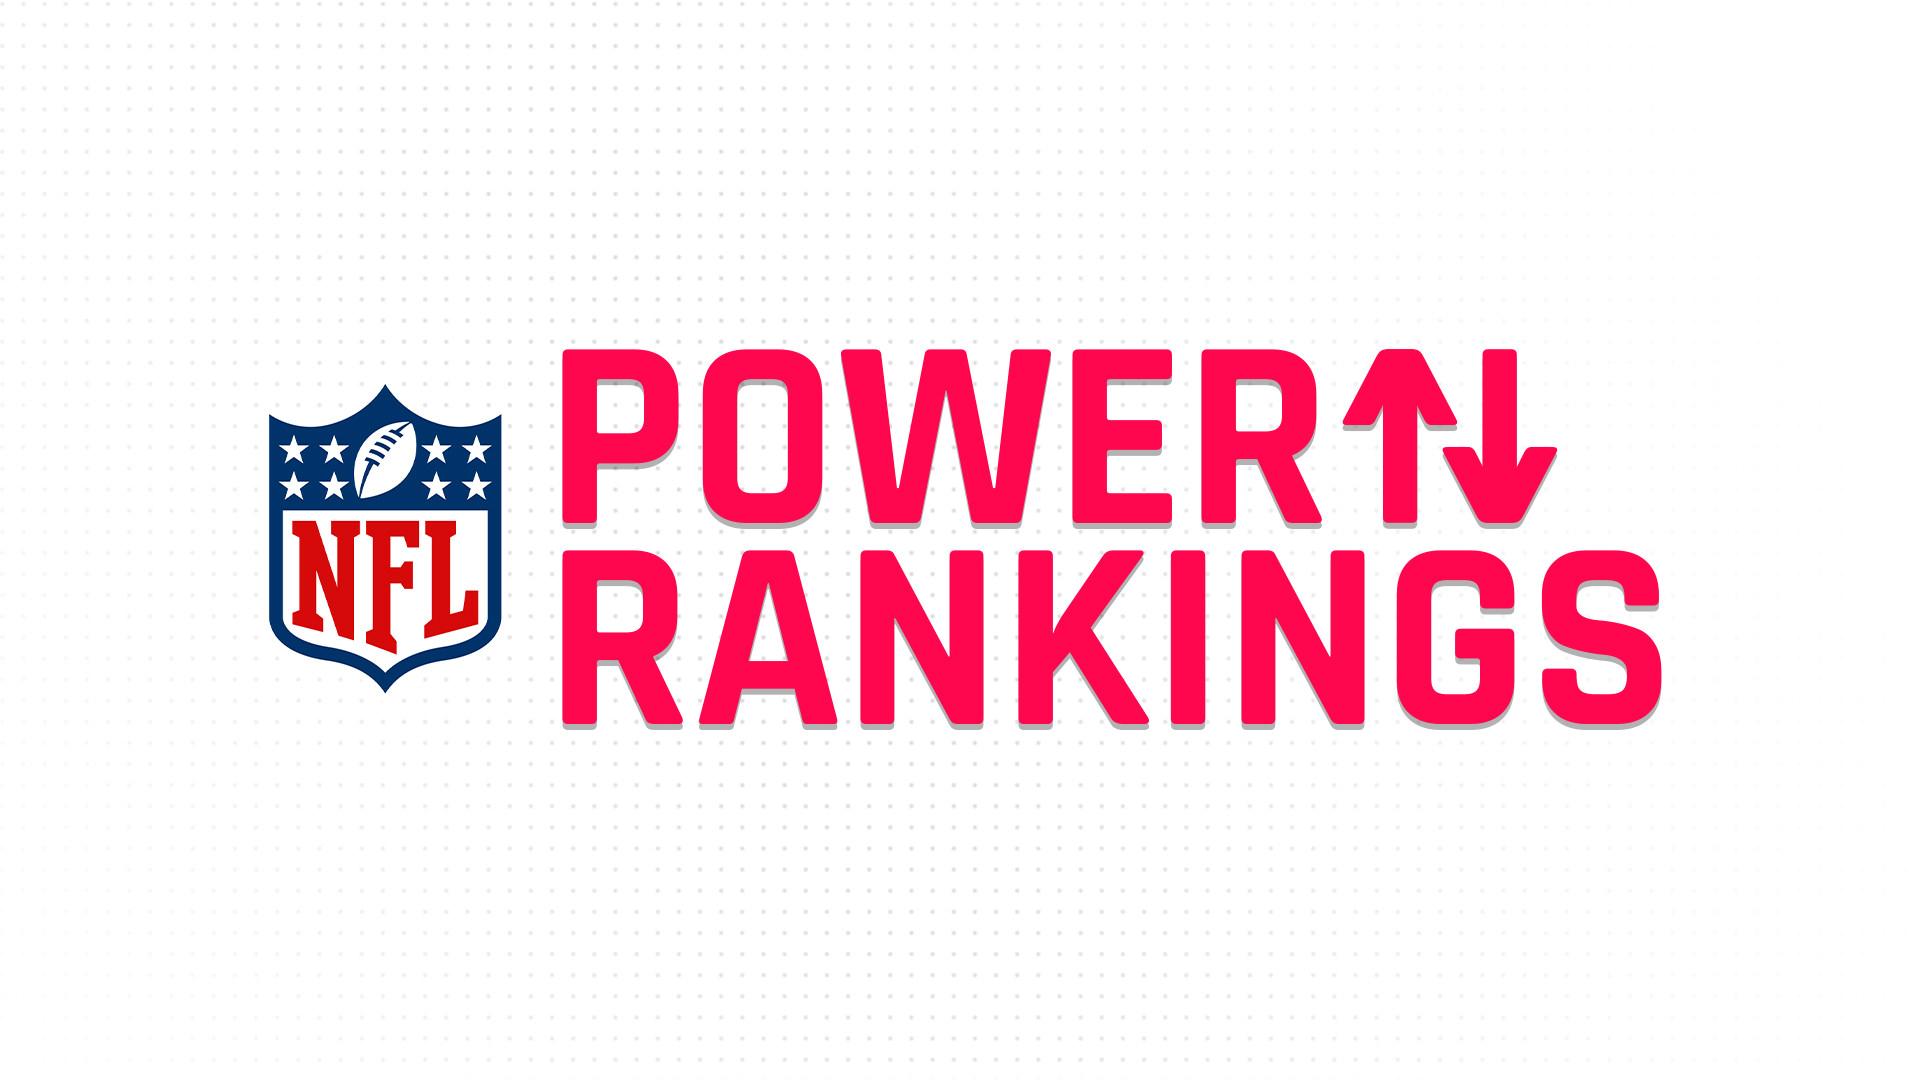 Classificações de poder da NFL: Chiefs ainda à frente de Steelers, Packers;  Patriots e Browns escalam para a Semana 14